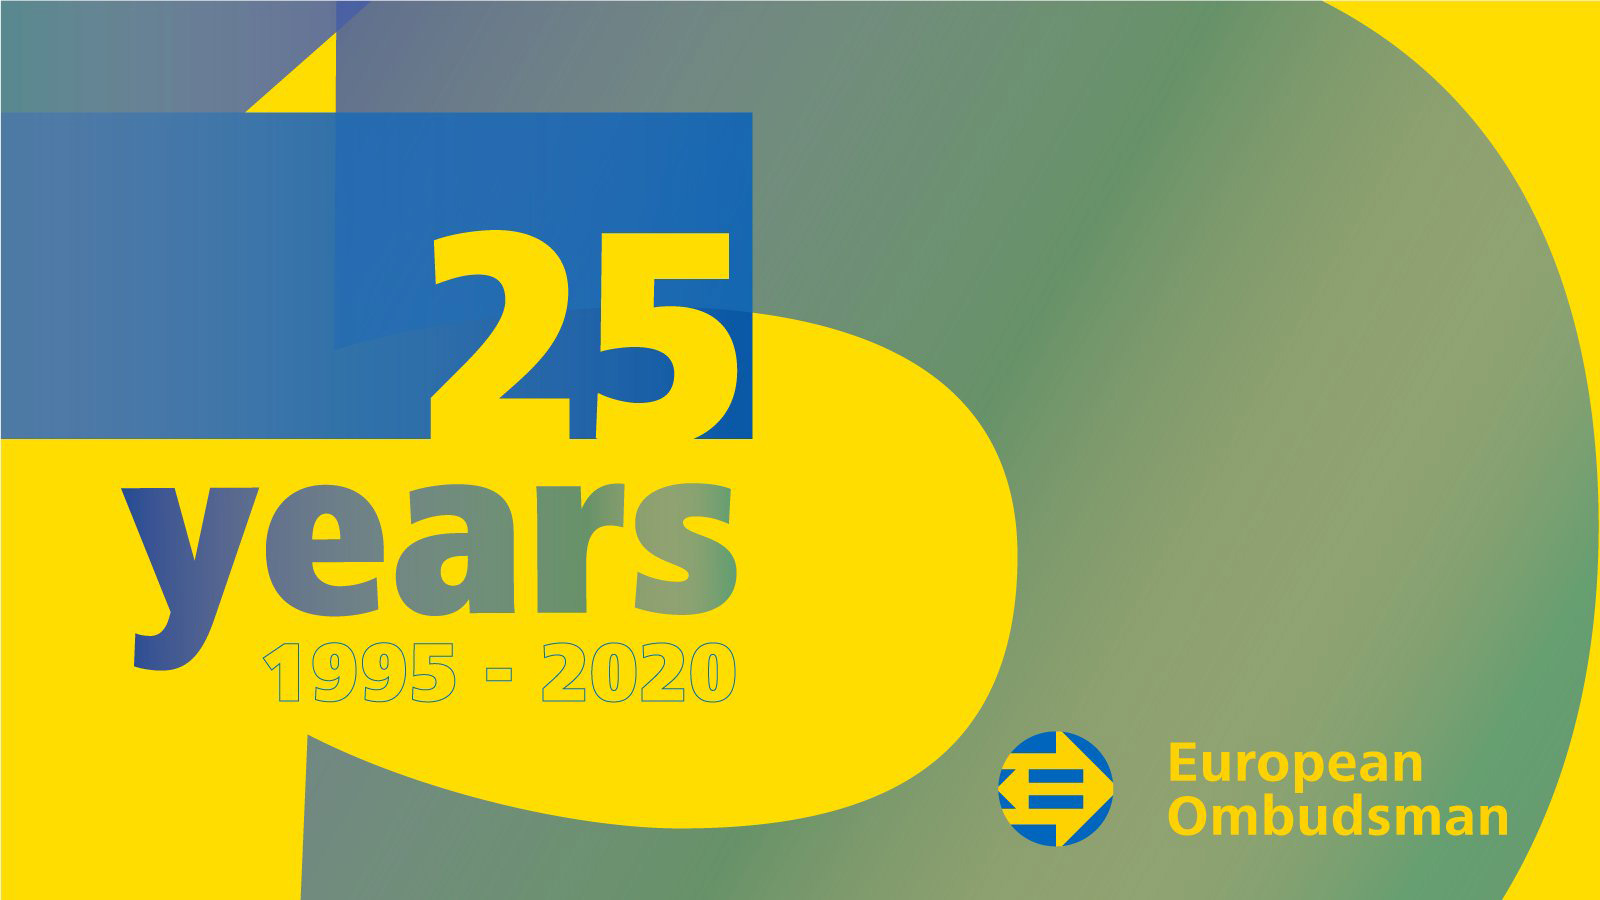 La conferenza per il 25º anniversario